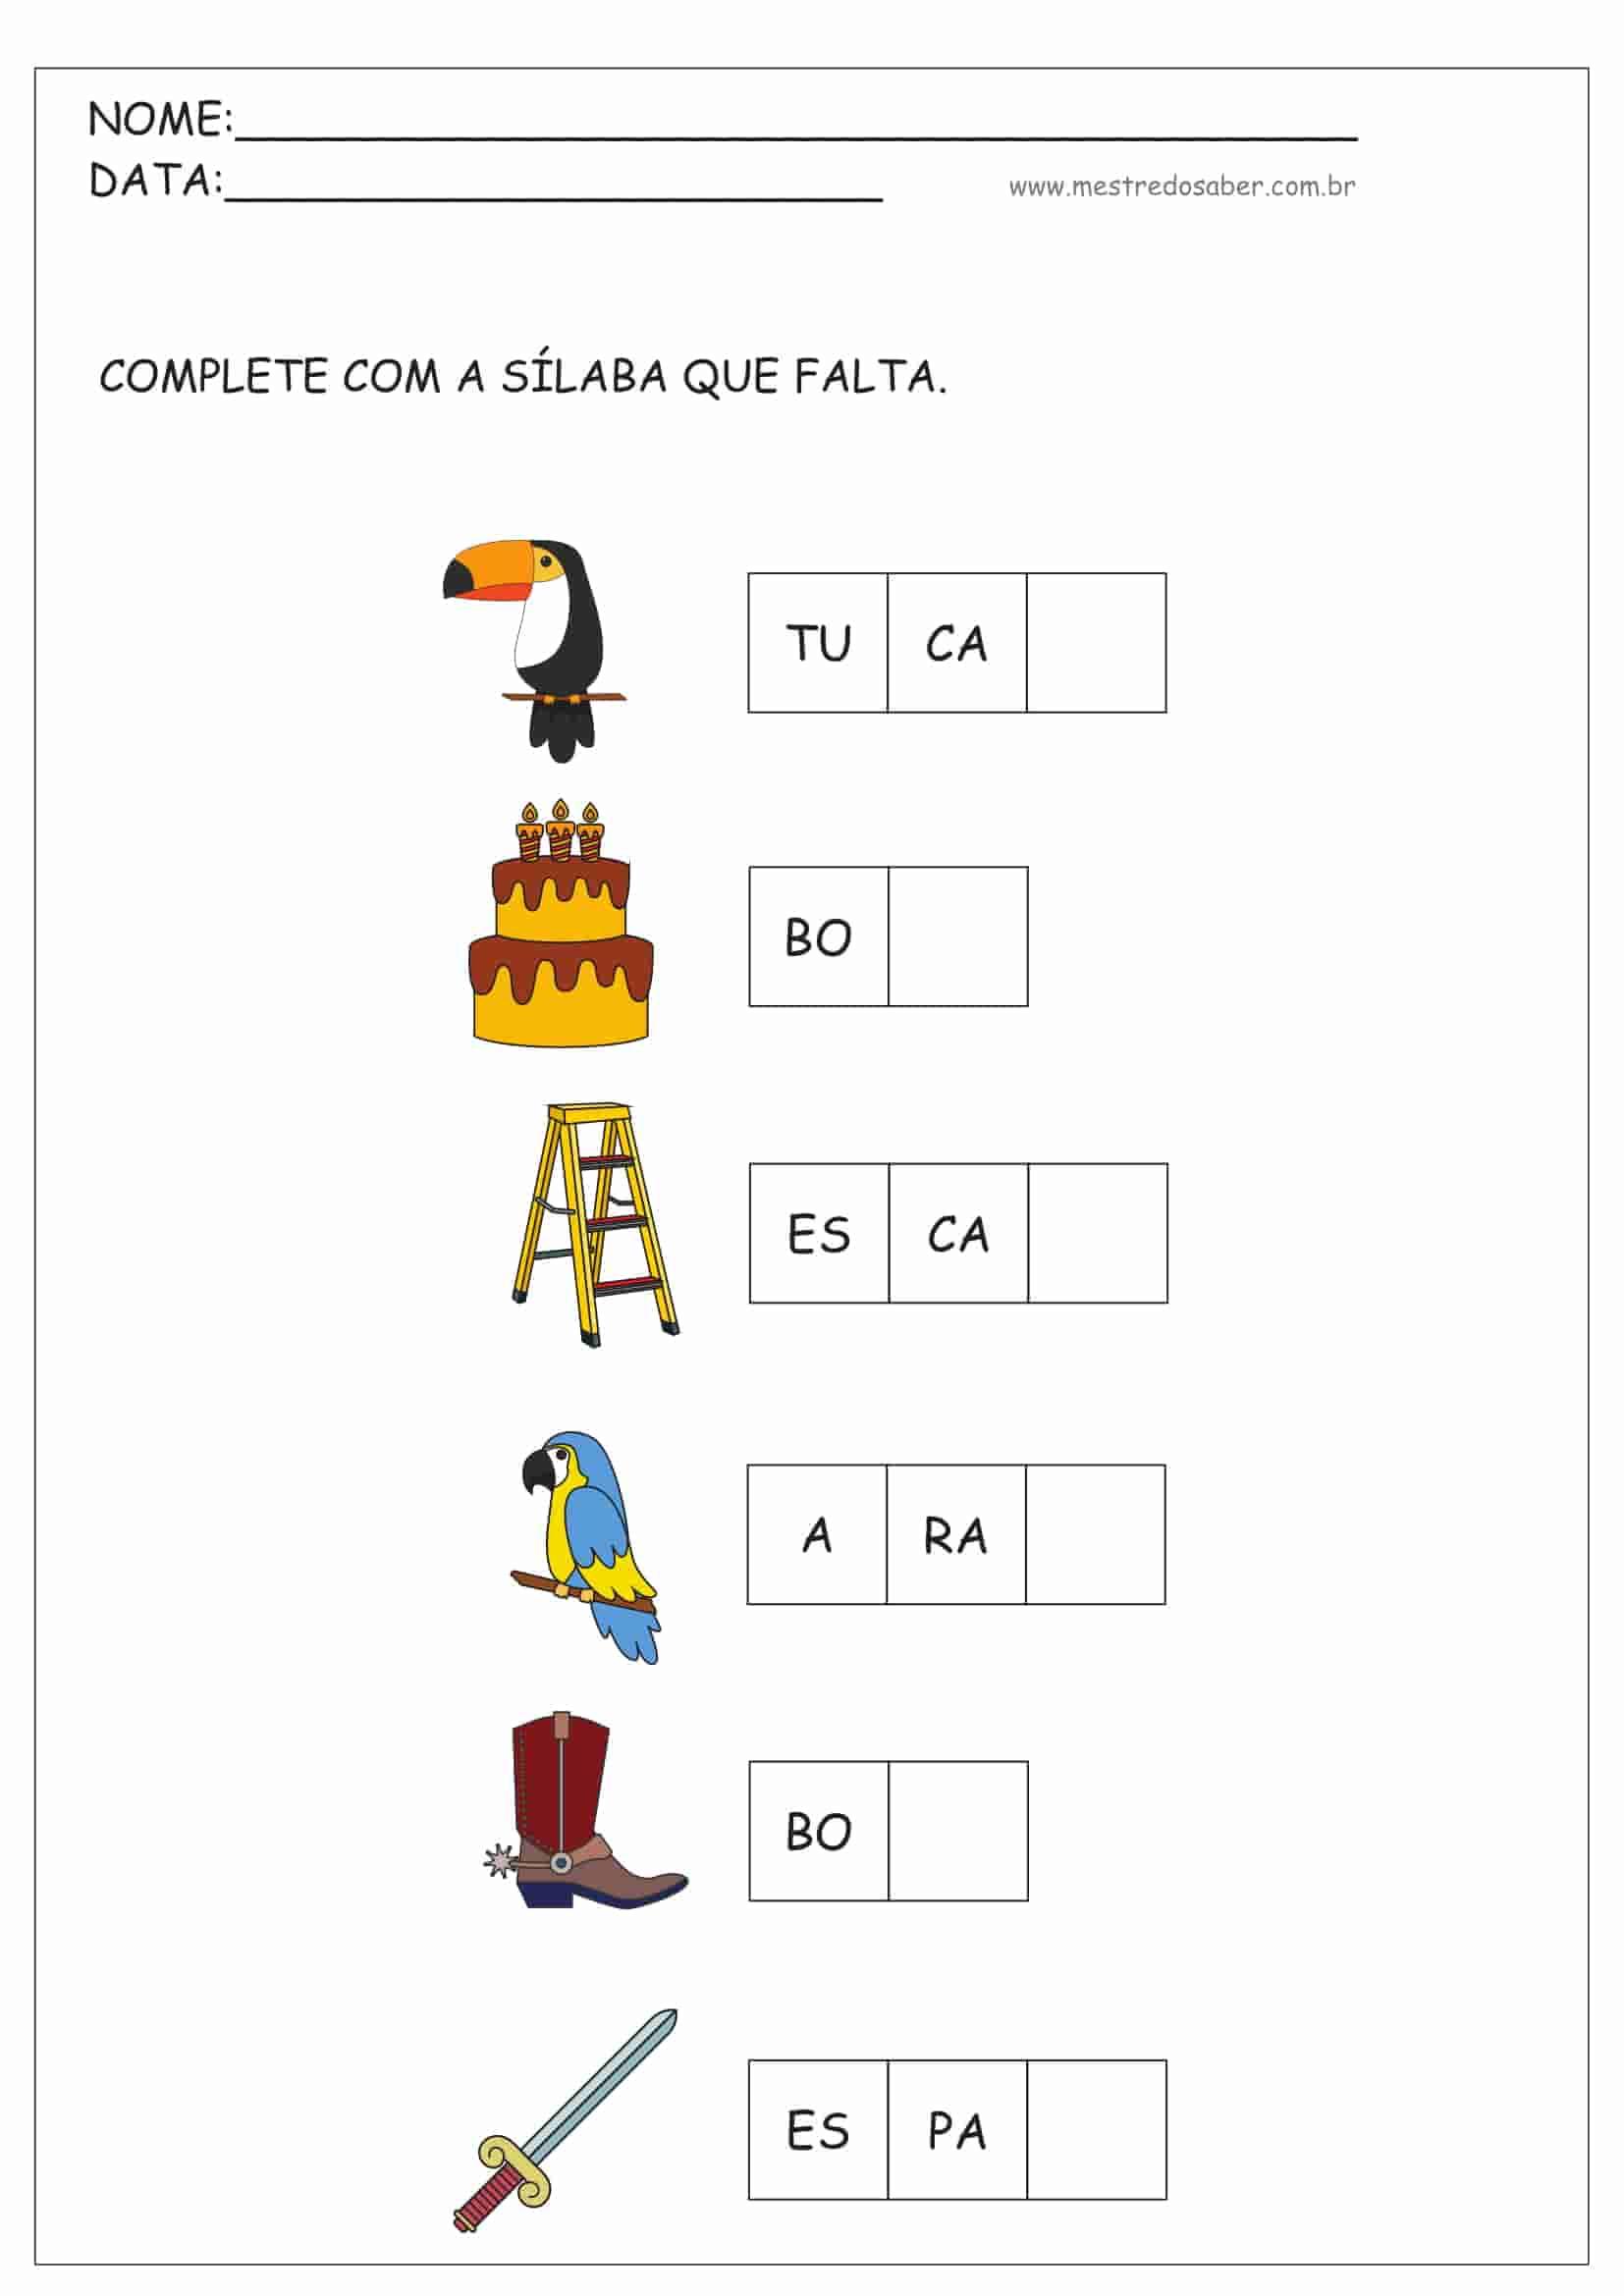 Ideias criativas de atividades para educação infantil